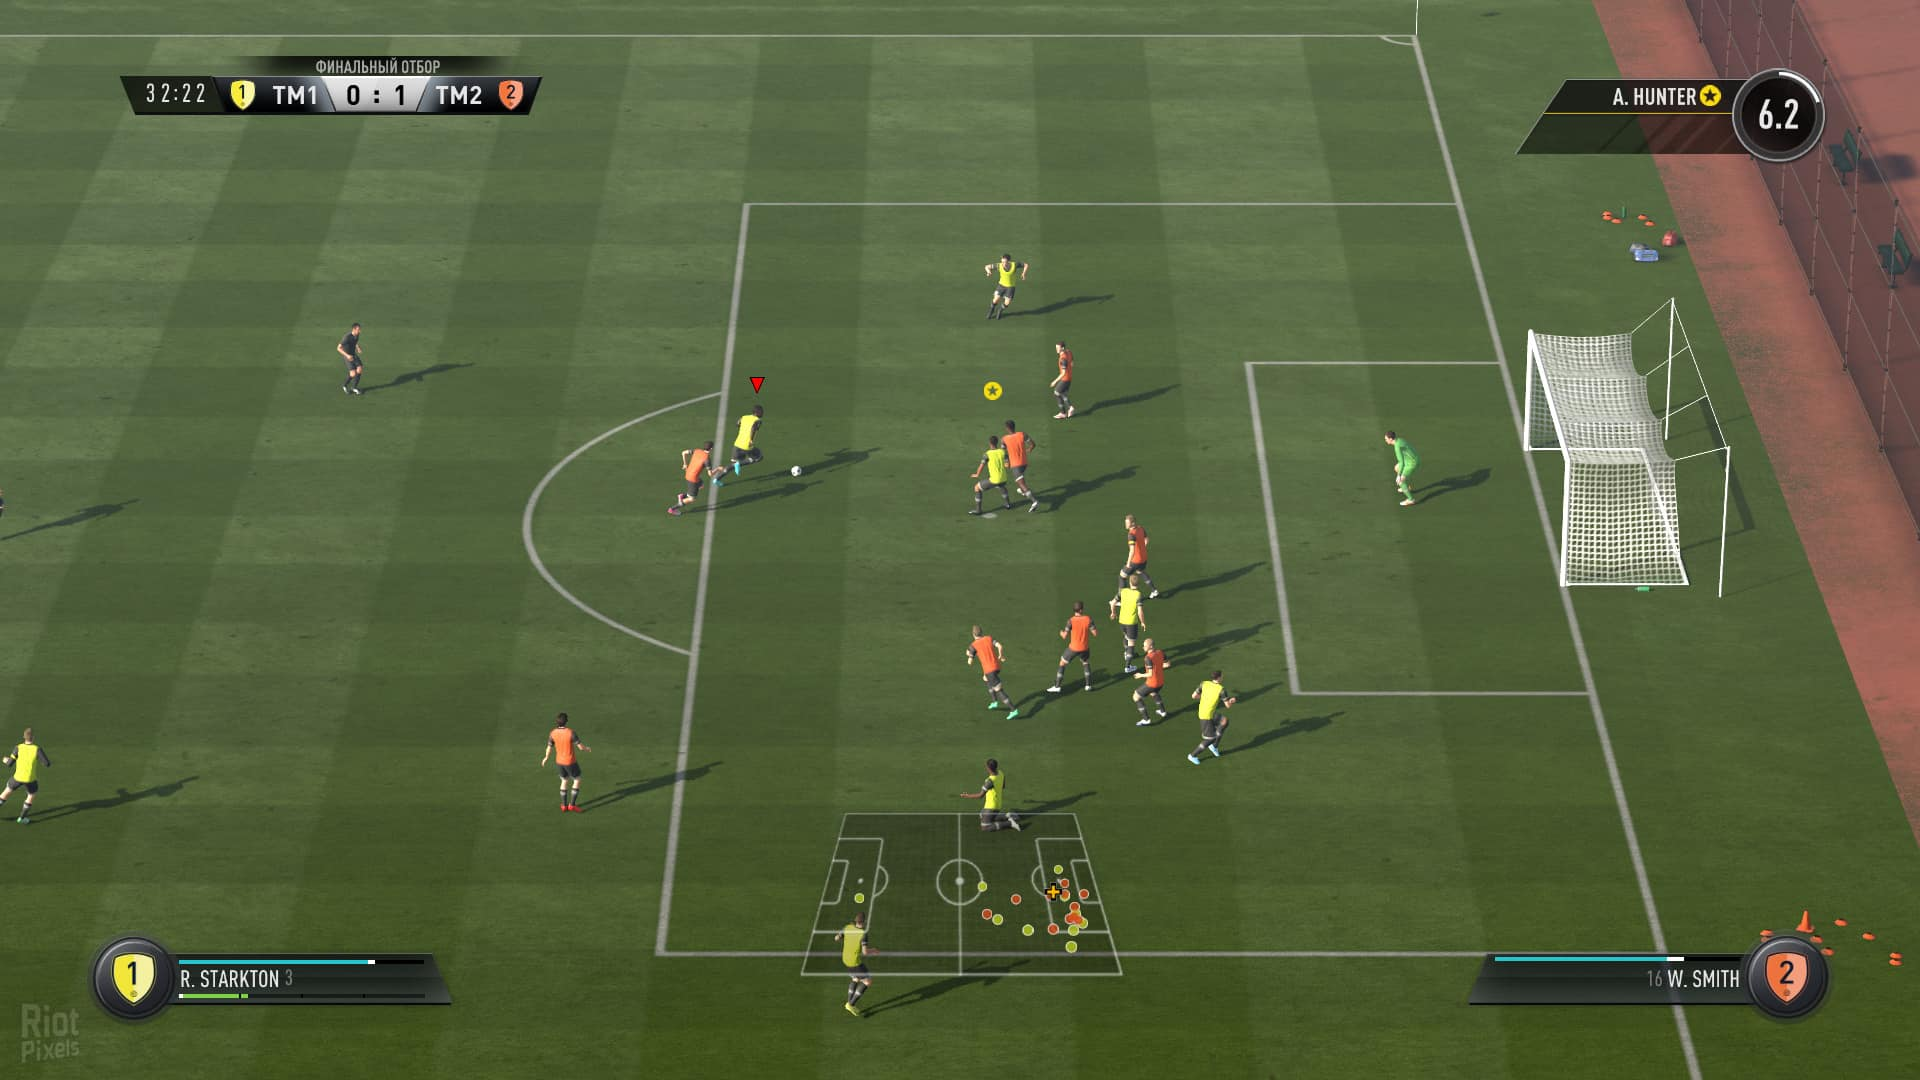 Bienvenue dans la nouvelle saison de FIFA Mobile. Grâce à un nouveau moteur de jeu, nous vous offrons des nouveautés en termes de jouabilité, de graphismes, d'IA ...